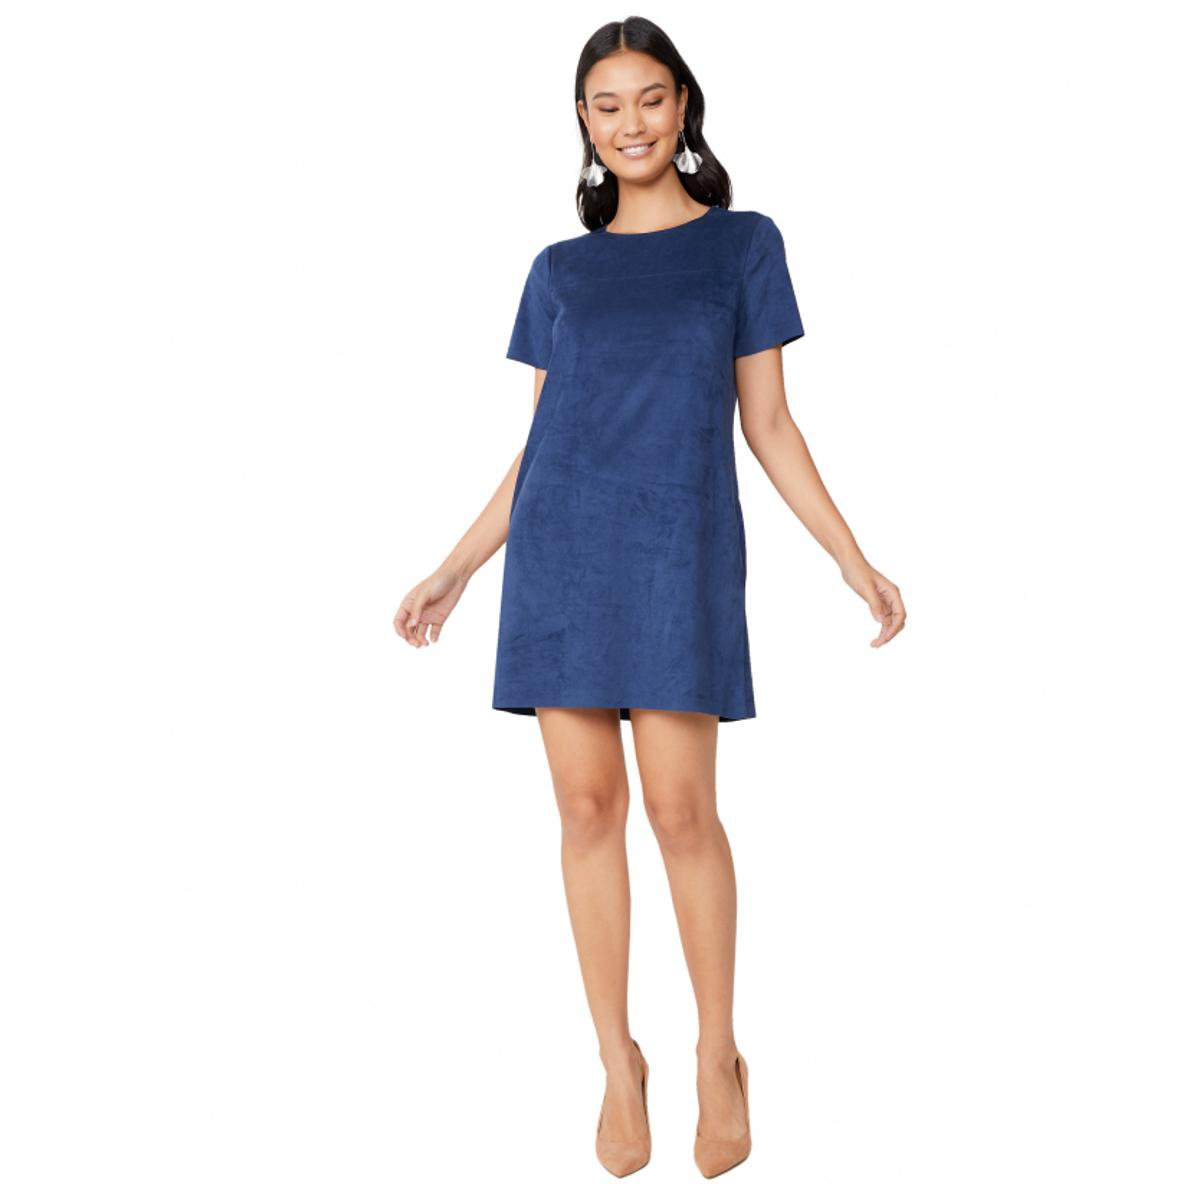 Vestido Amaro Curto Suede Bolsos Feminino Azul